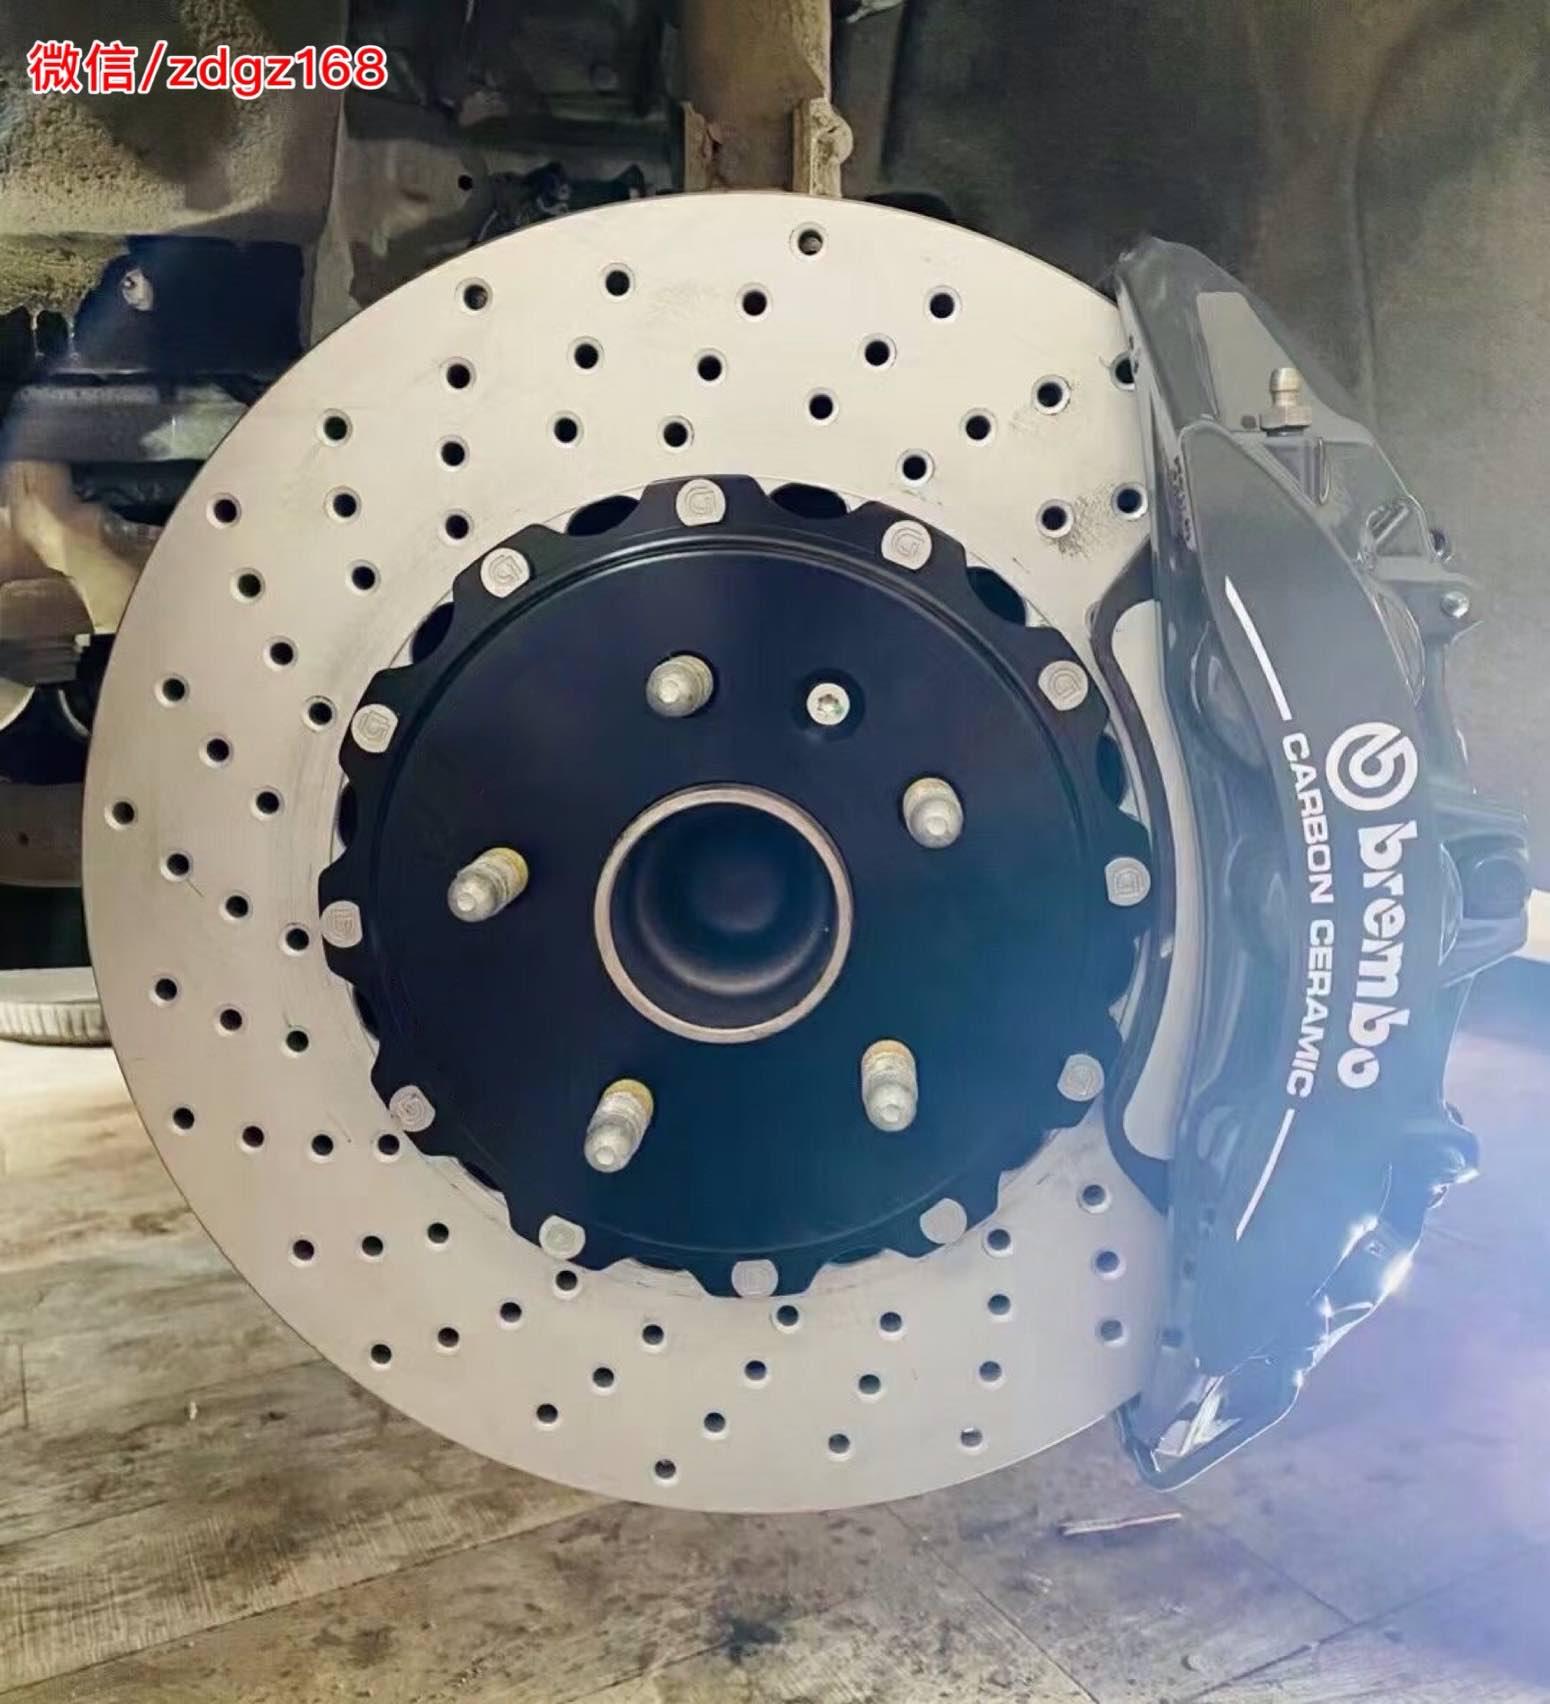 凯迪拉克CT5 升级Brembo v6 定制水泥灰卡钳颜色,配打孔碟盘,原车18寸轮毂直上!